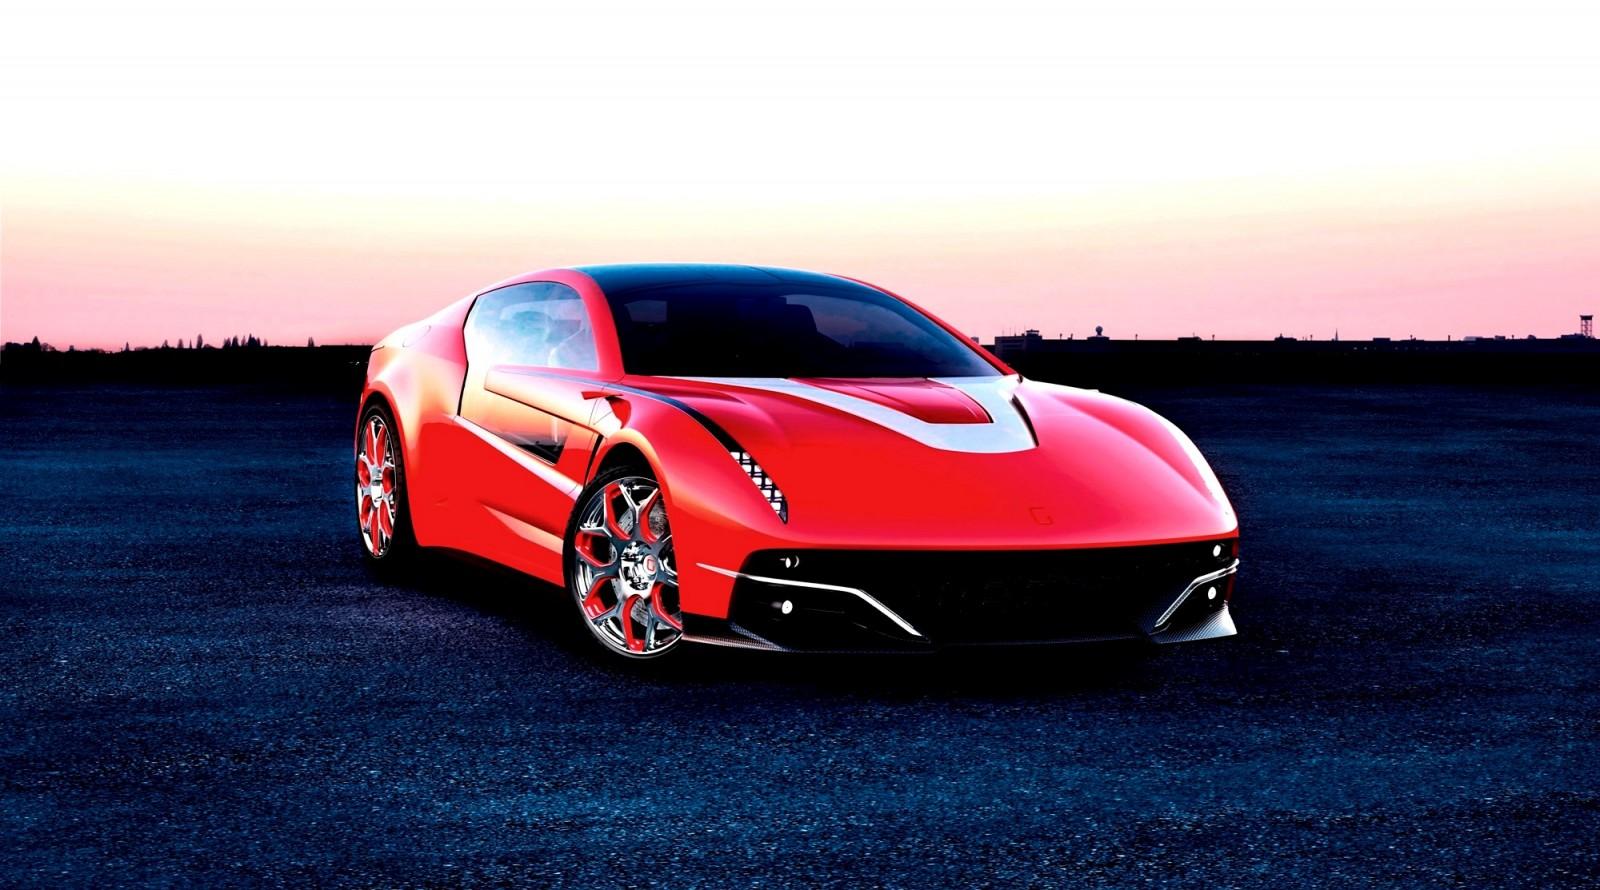 2012 ItalDesign Giugiaro BRIVIDO Concept 29